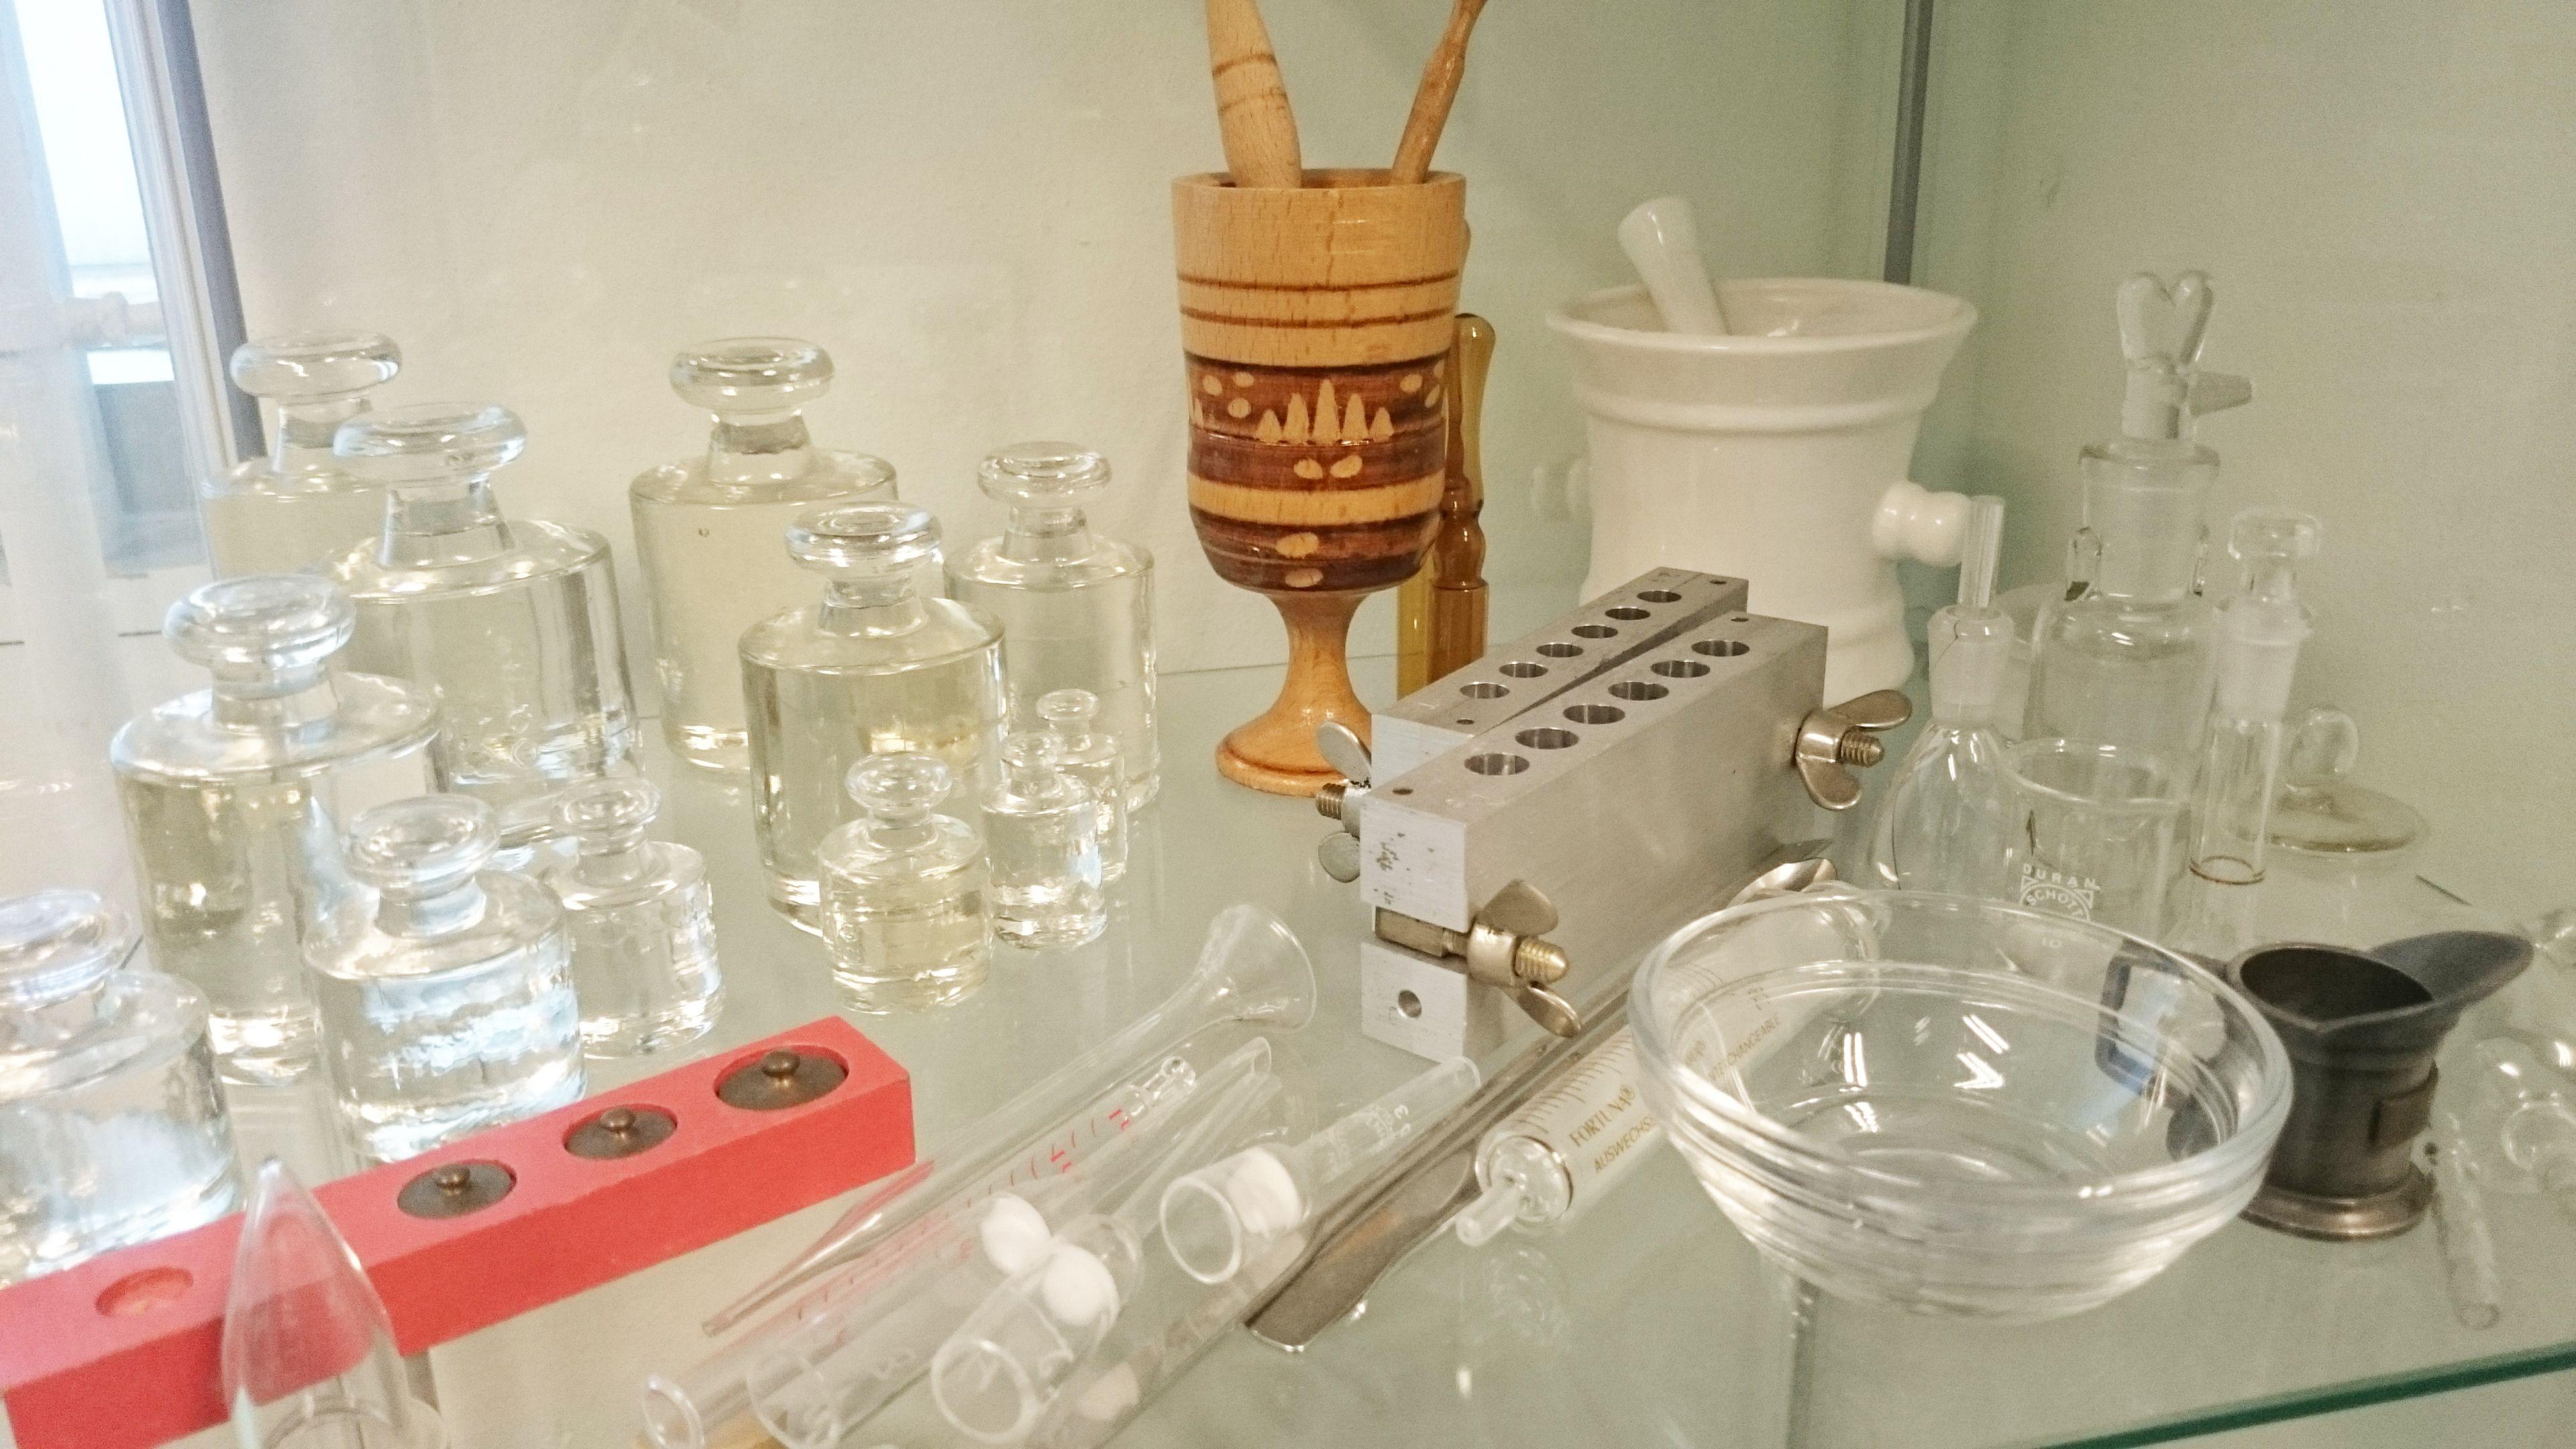 Collectie oude #apotheek voorwerpen van mw. Meerman en mw. Troost van Máxima Medisch Centrum voorheen Sint Joseph #ziekenhuis #Eindhoven #Veldhoven #vintage #Healthcare